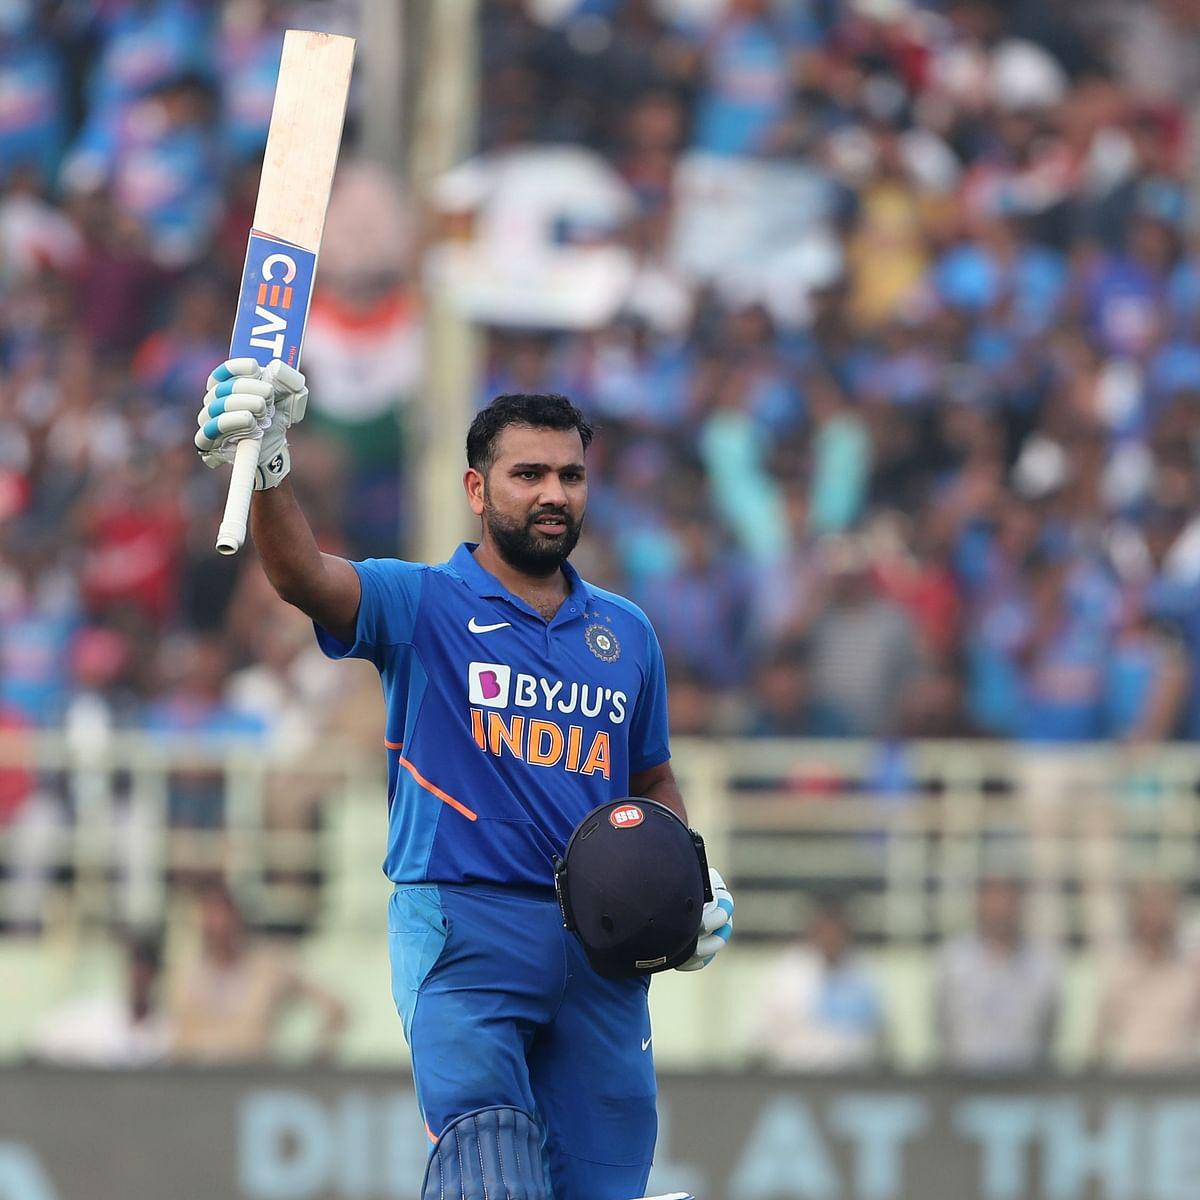 'Kohli fans will soon demand Century Amendment Bill': Twitter after Rohit's ton